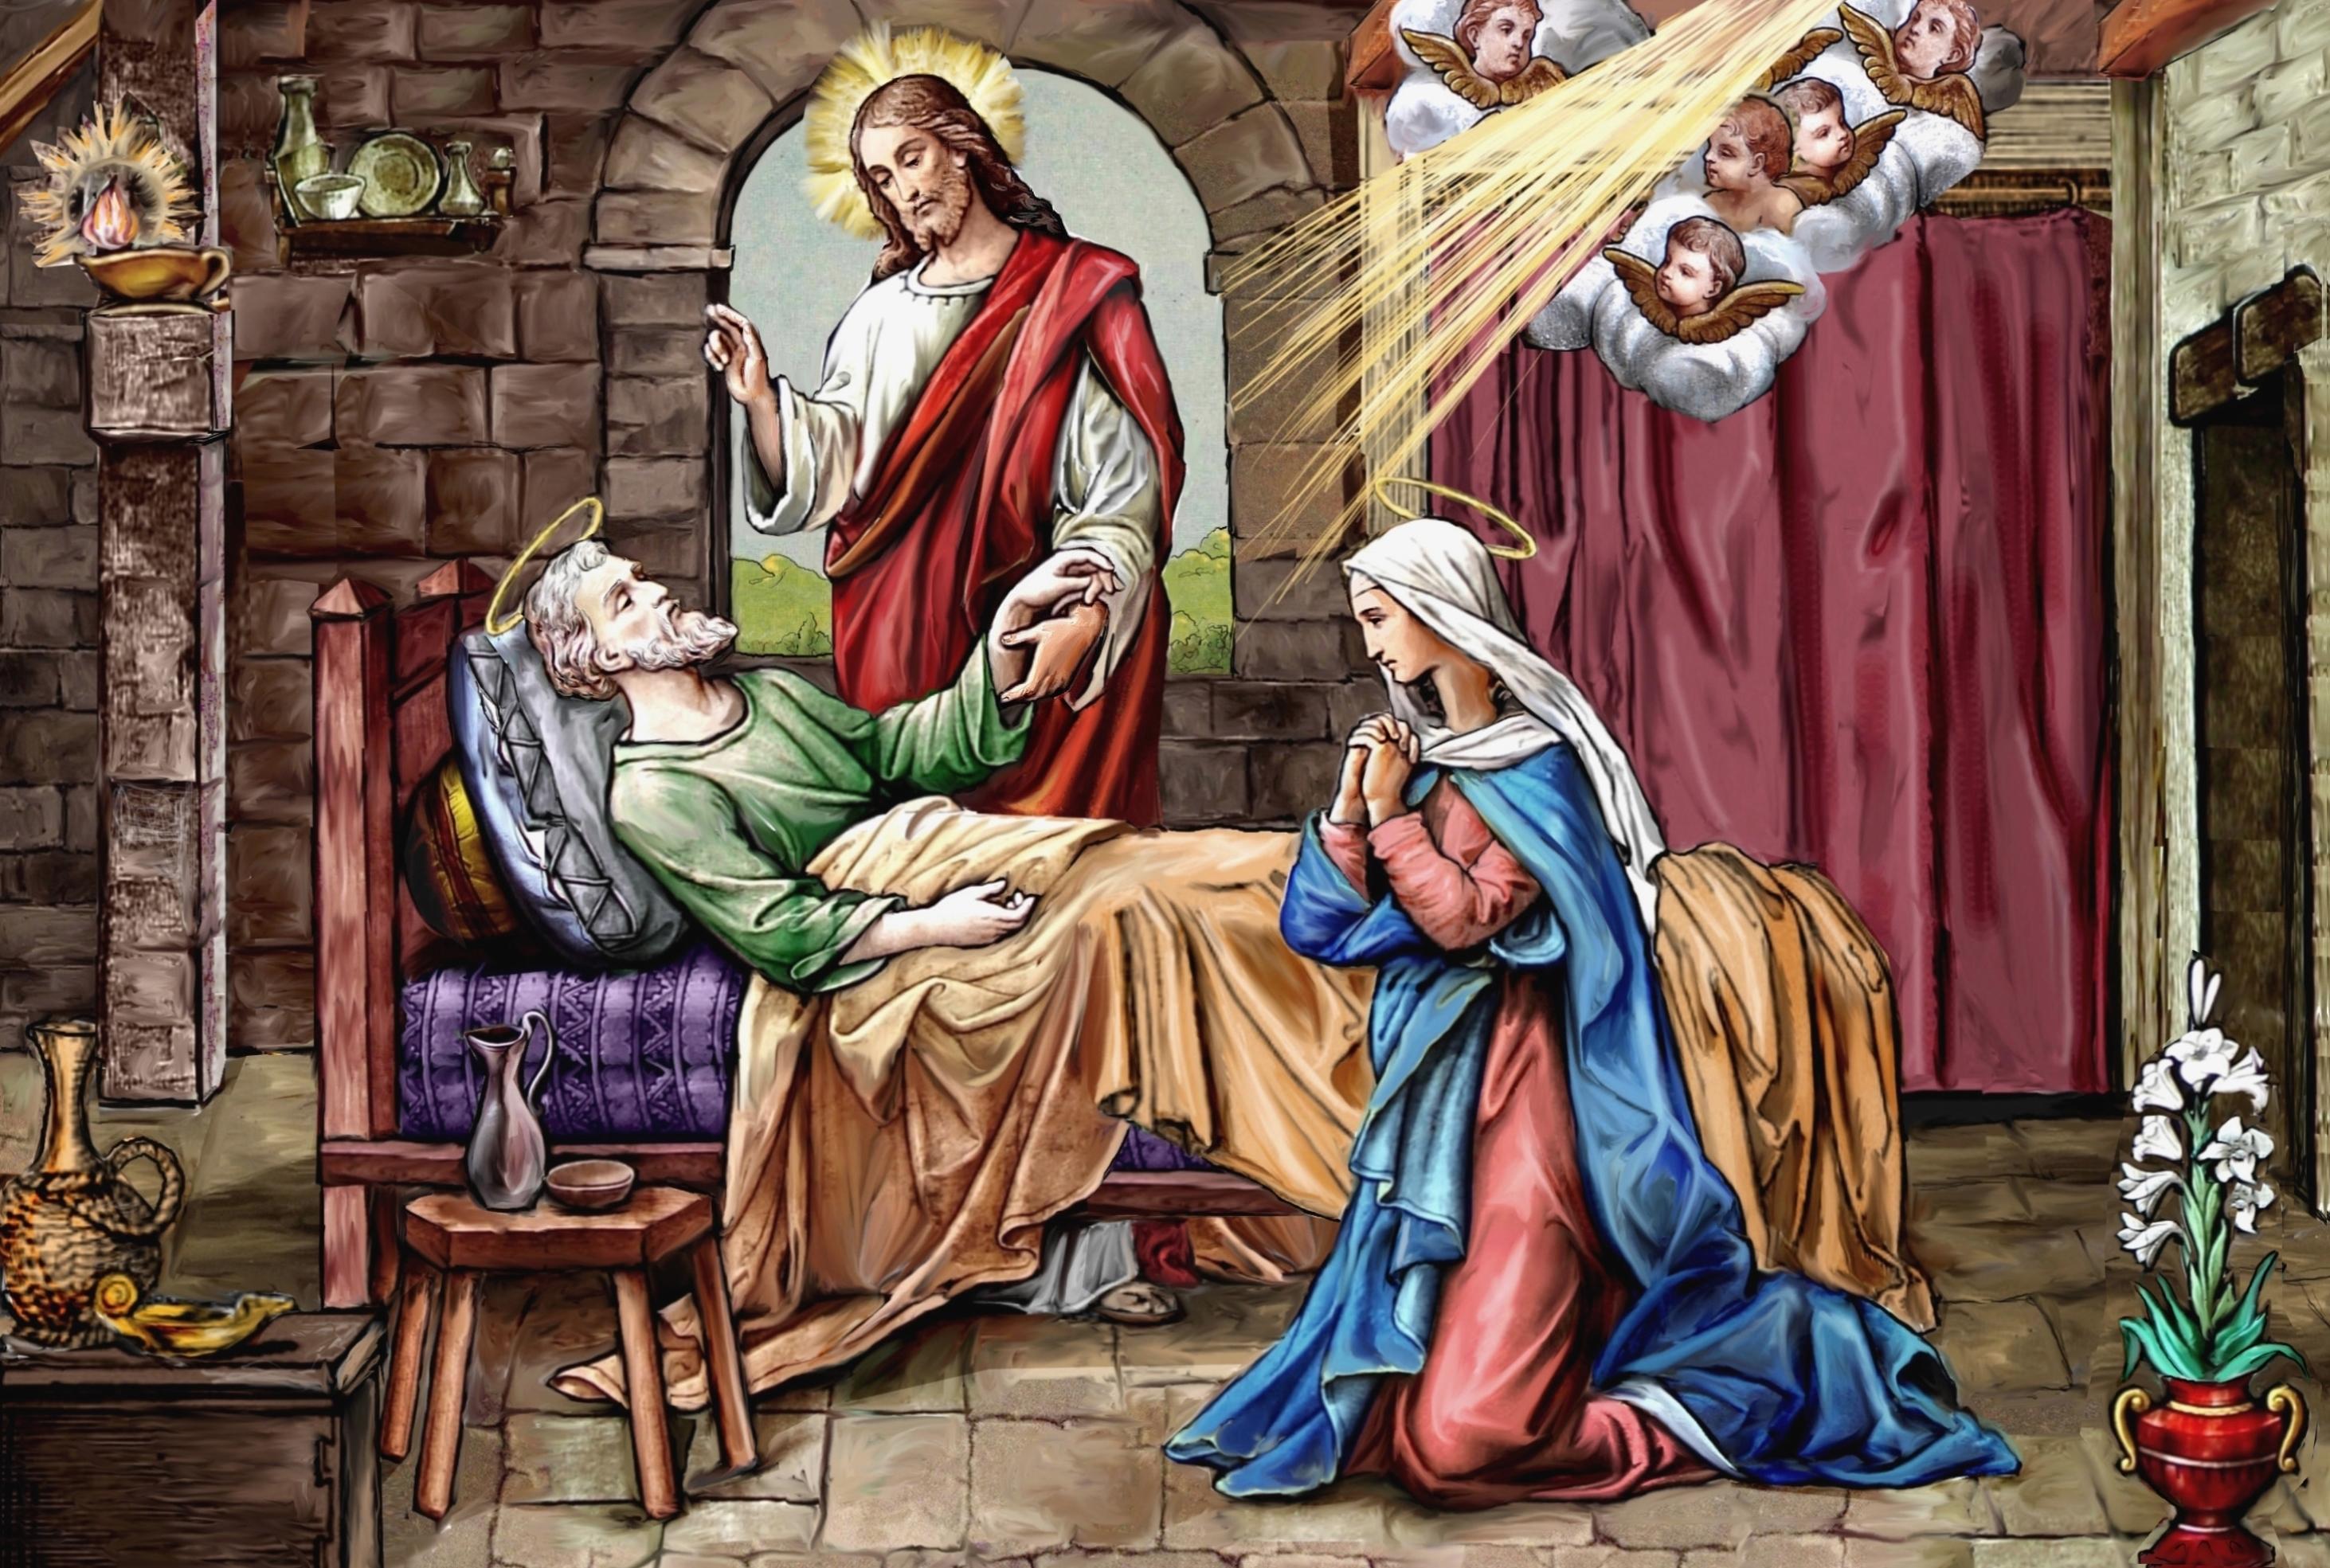 Le MOIS de SAINT JOSEPH par le R.P. Pedini (1854) - Page 3 Mort-de-saint-joseph-55e4064